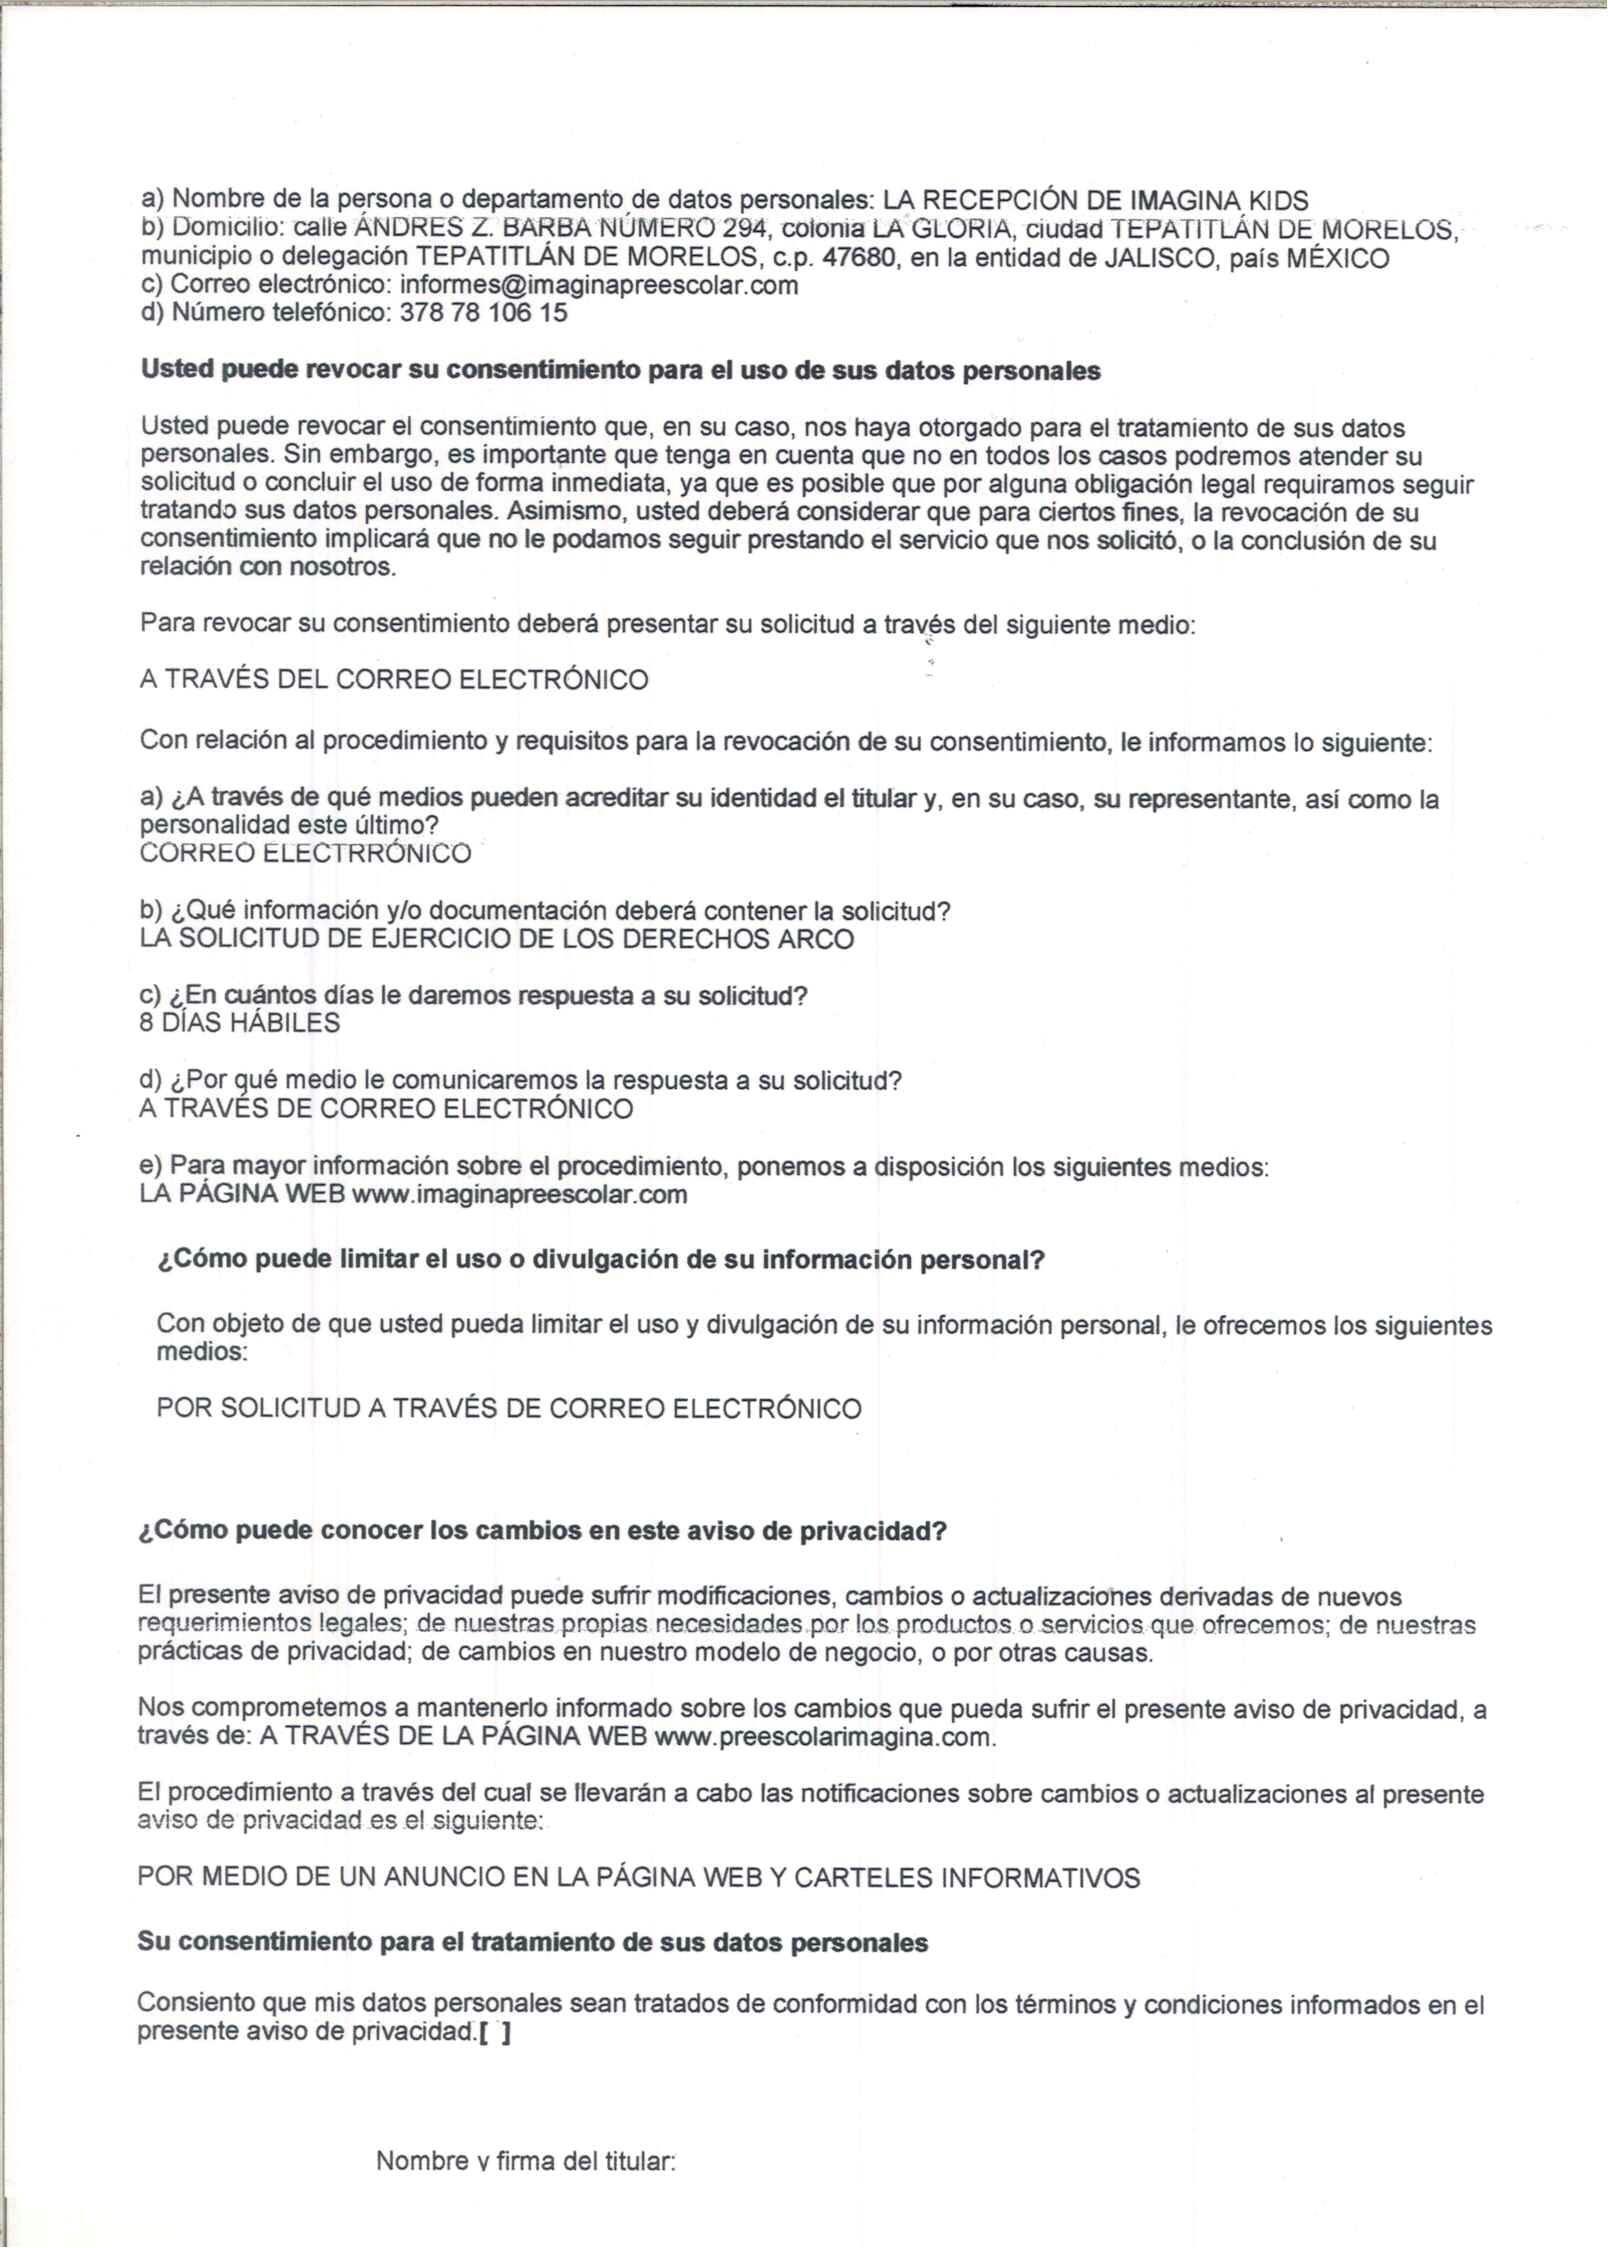 AVISO DE PRIVACIDAD (4)